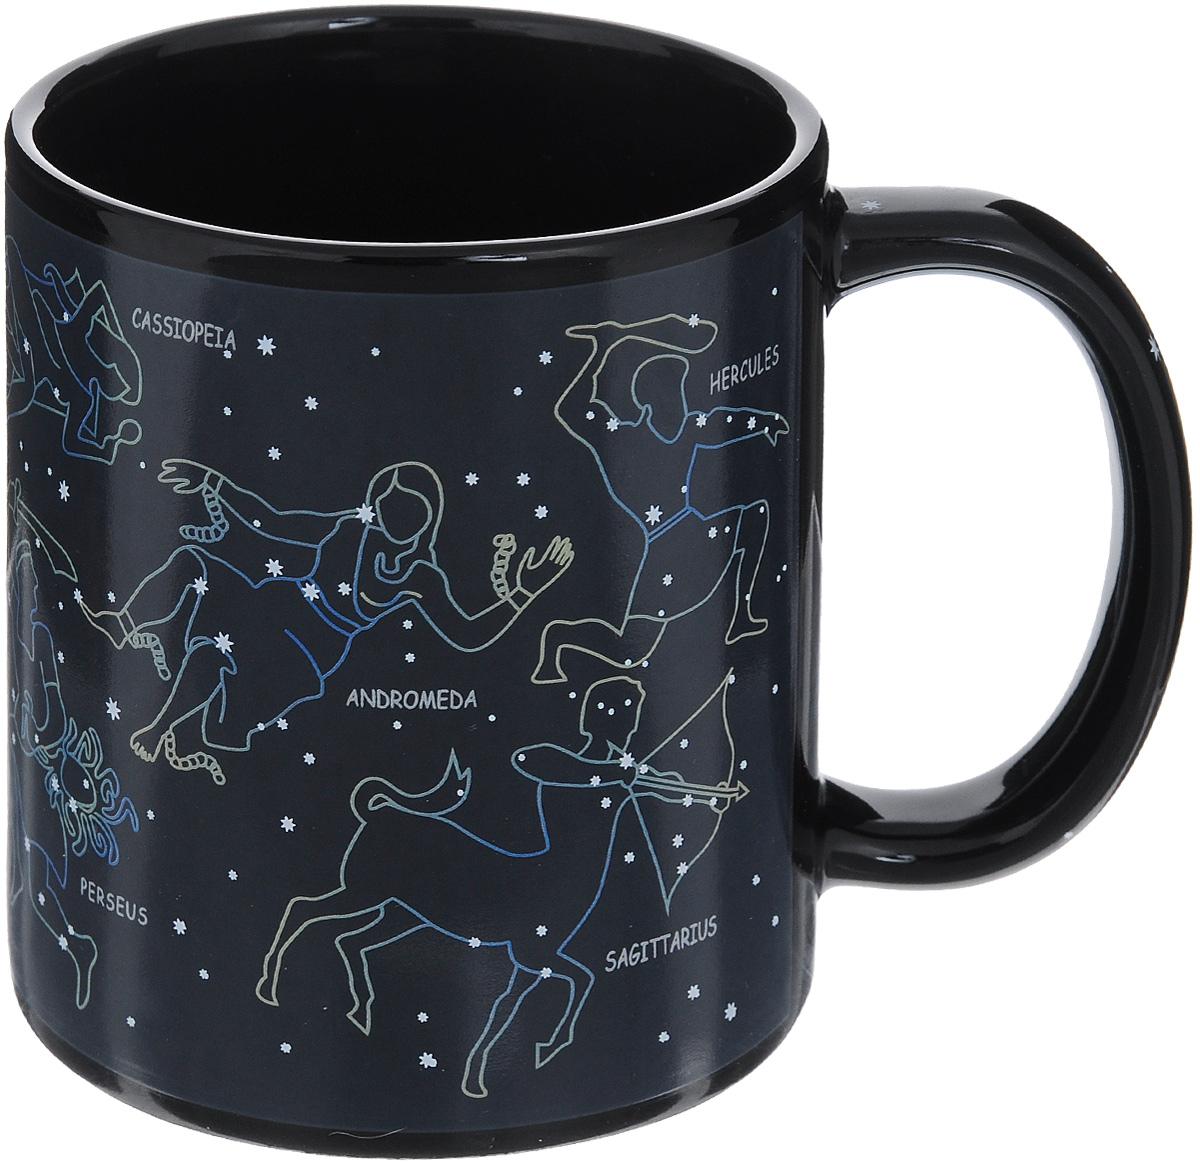 Кружка-хамелеон Эврика Разогрей звезду, 300 мл96311Кружка-хамелеон Эврика Разогрей звезду выполнена из высококачественной керамики. Рисунок на стенках состоит из множества светлых звездочек, сияющих в ночном небе. Но стоит налить в кружку горячий напиток, и между точками проявятся невидимые доселе нити, превращающие их в знаменитые созвездия. Рядом с каждым созвездием написано его латинское название. Такой подарок станет не только приятным, но и практичным сувениром: кружка станет незаменимым атрибутом чаепития, а оригинальный дизайн вызовет улыбку. Высота кружки: 9,5 см. Диаметр (без учета ручки): 8 см.